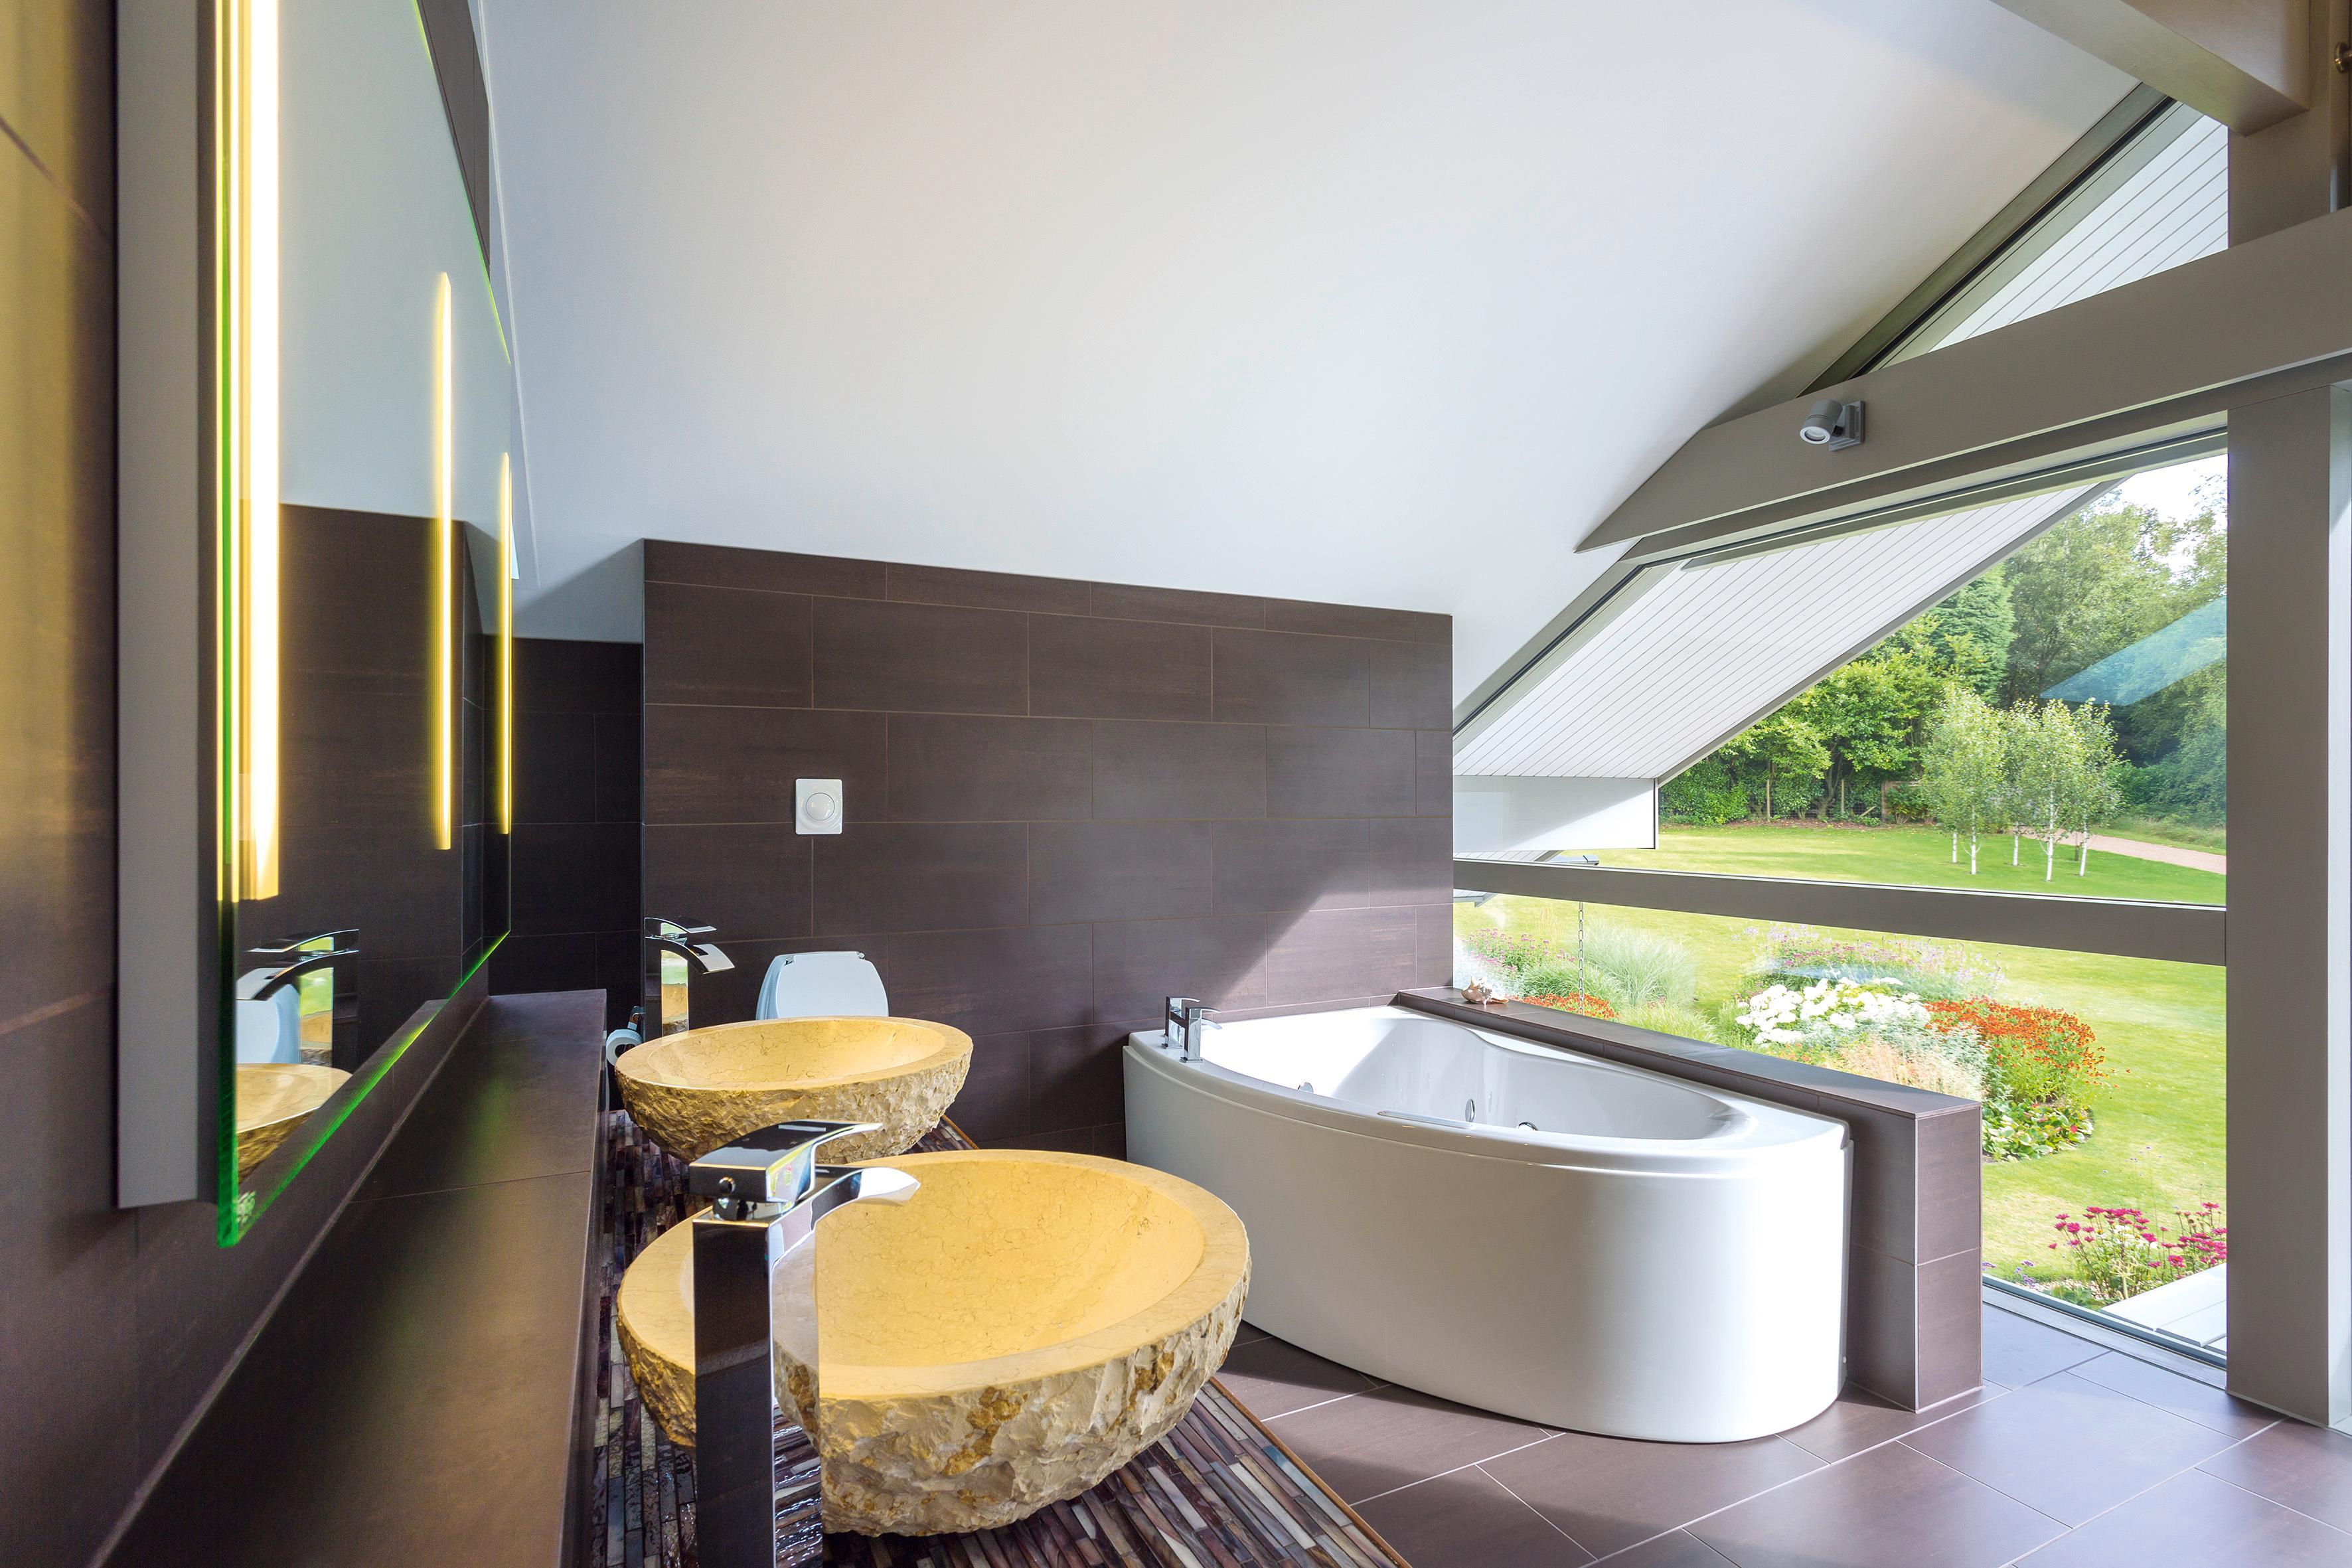 kleine wohnung einrichten bilder ideen couchstyle. Black Bedroom Furniture Sets. Home Design Ideas